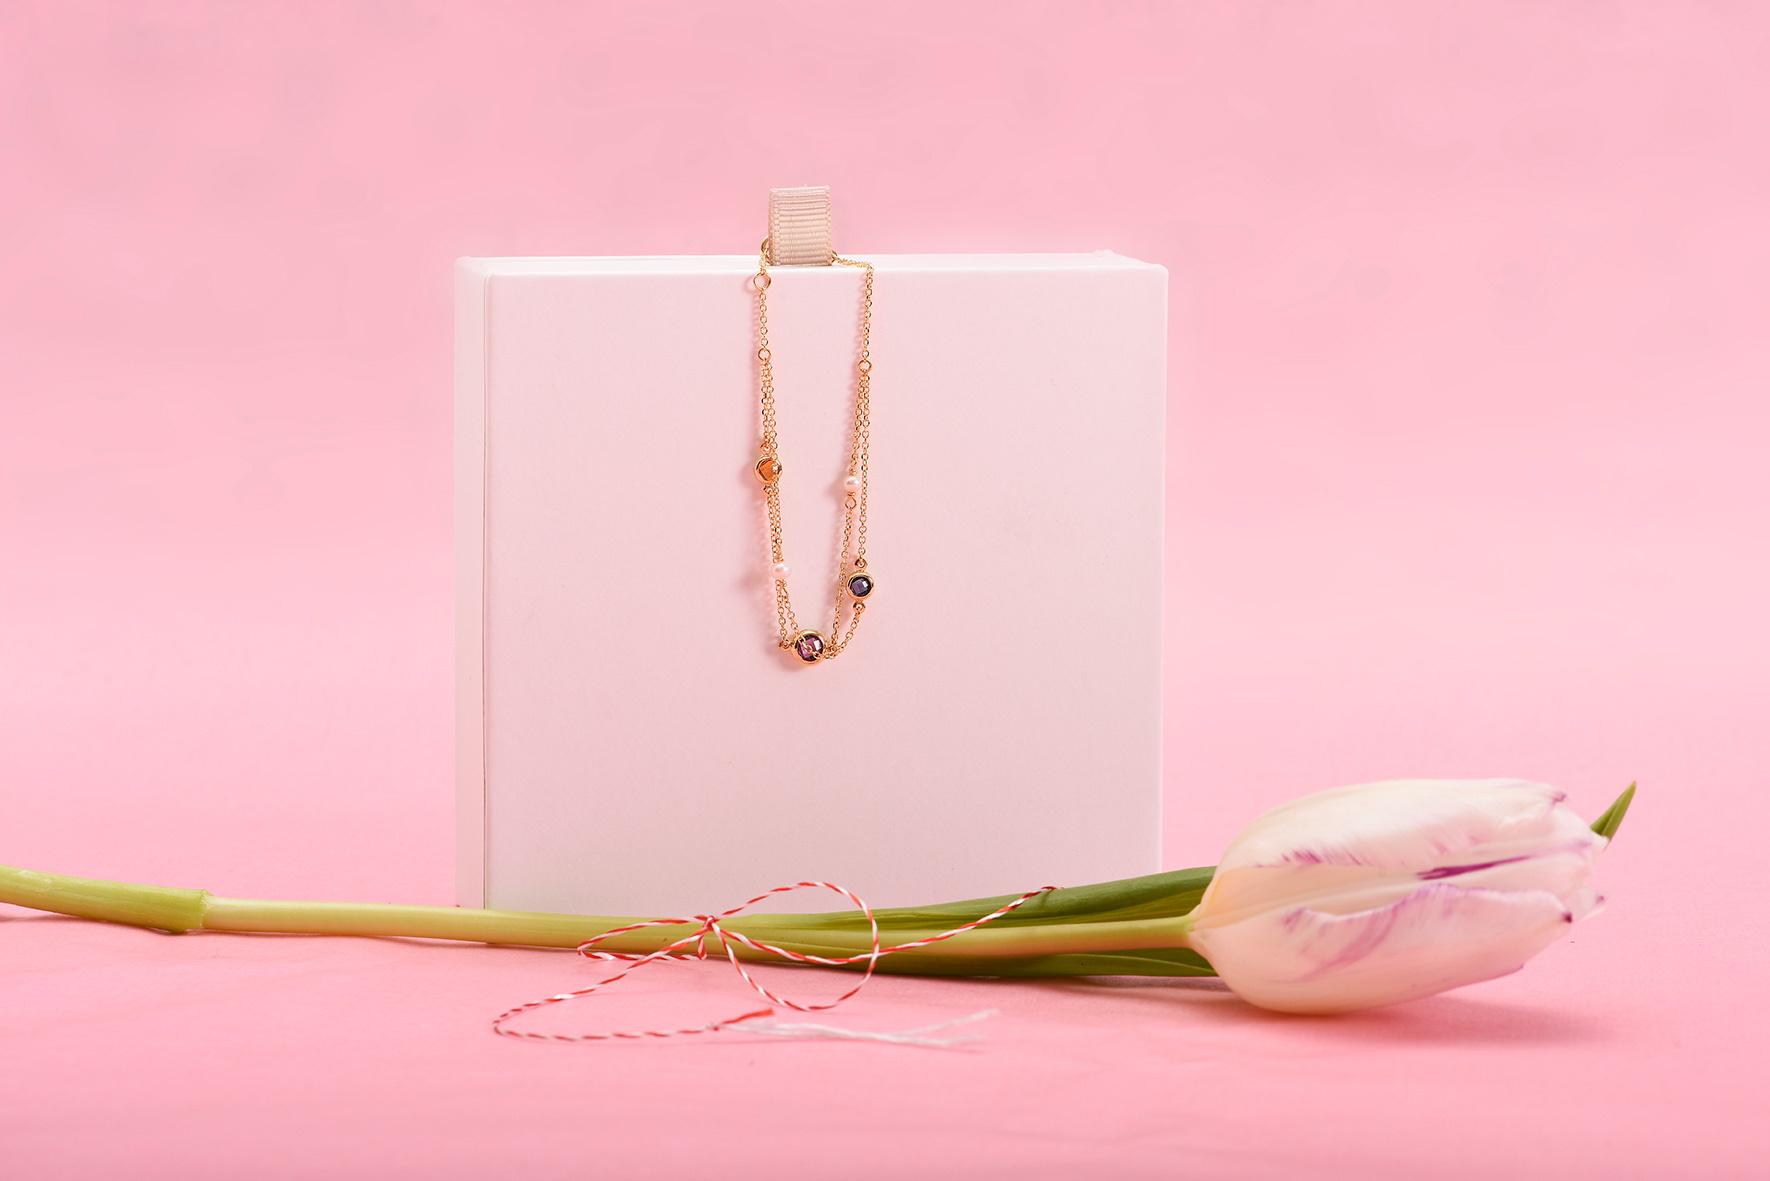 Aranjament pe fundal roz cu floare și brățară din aur